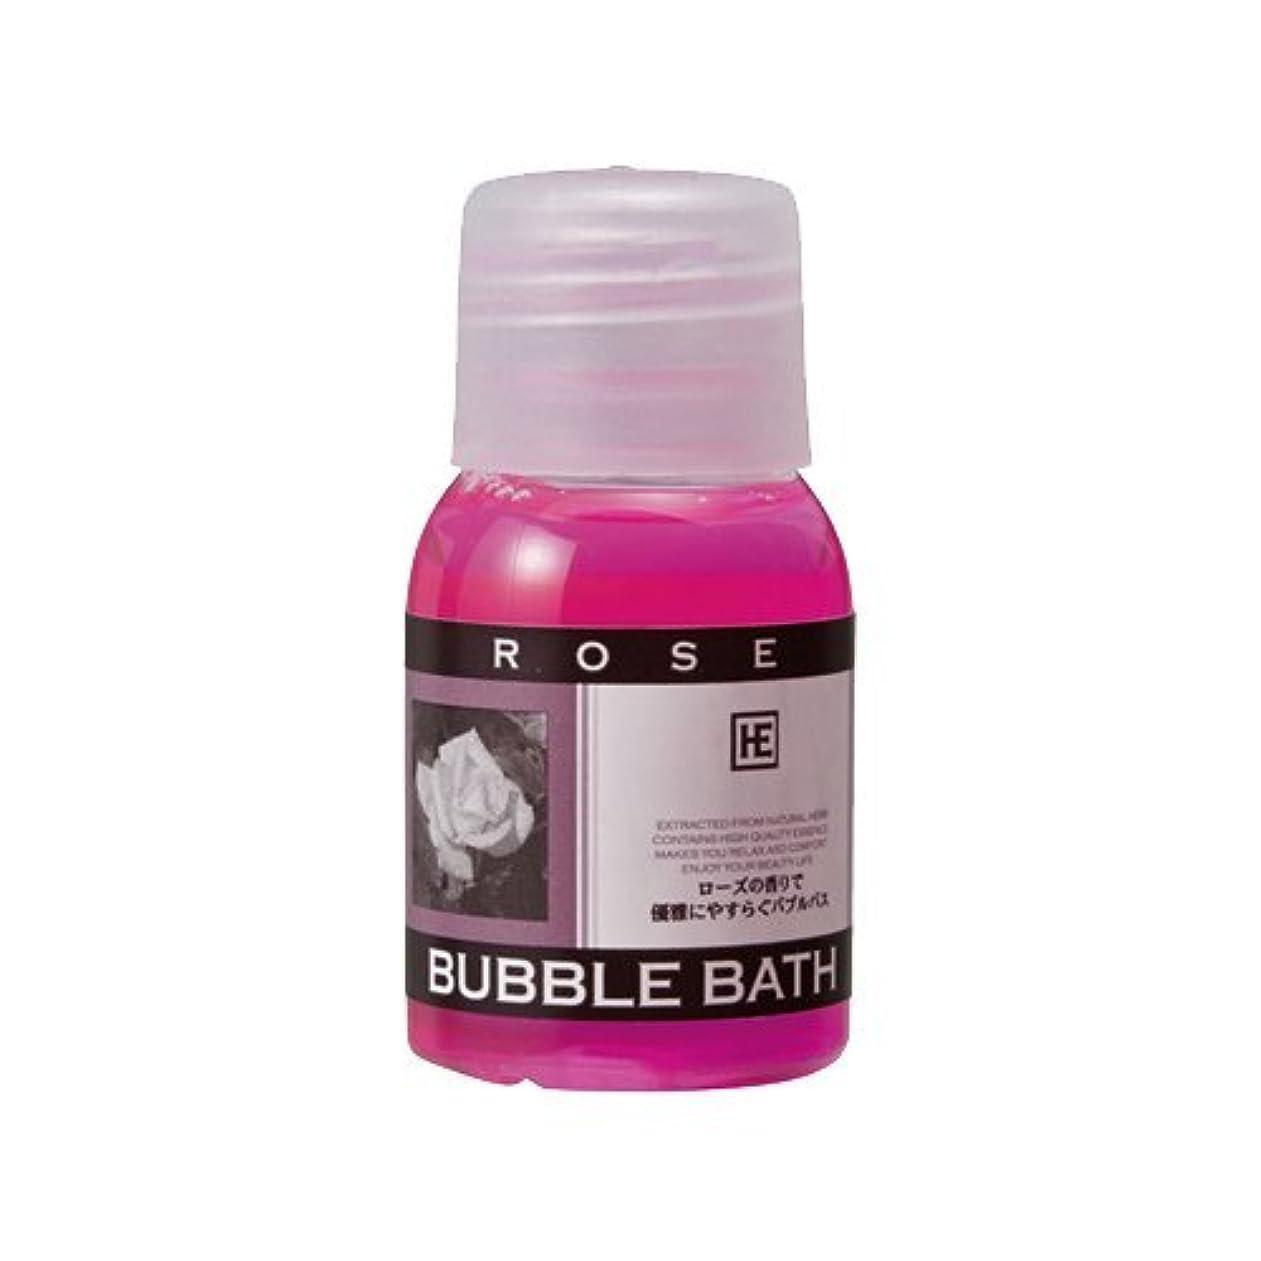 誇張日光電池ハーバルエクストラ バブルバス ミニボトル ローズの香り - ホテルアメニティ 業務用 発泡入浴剤 (BUBBLE BATH)